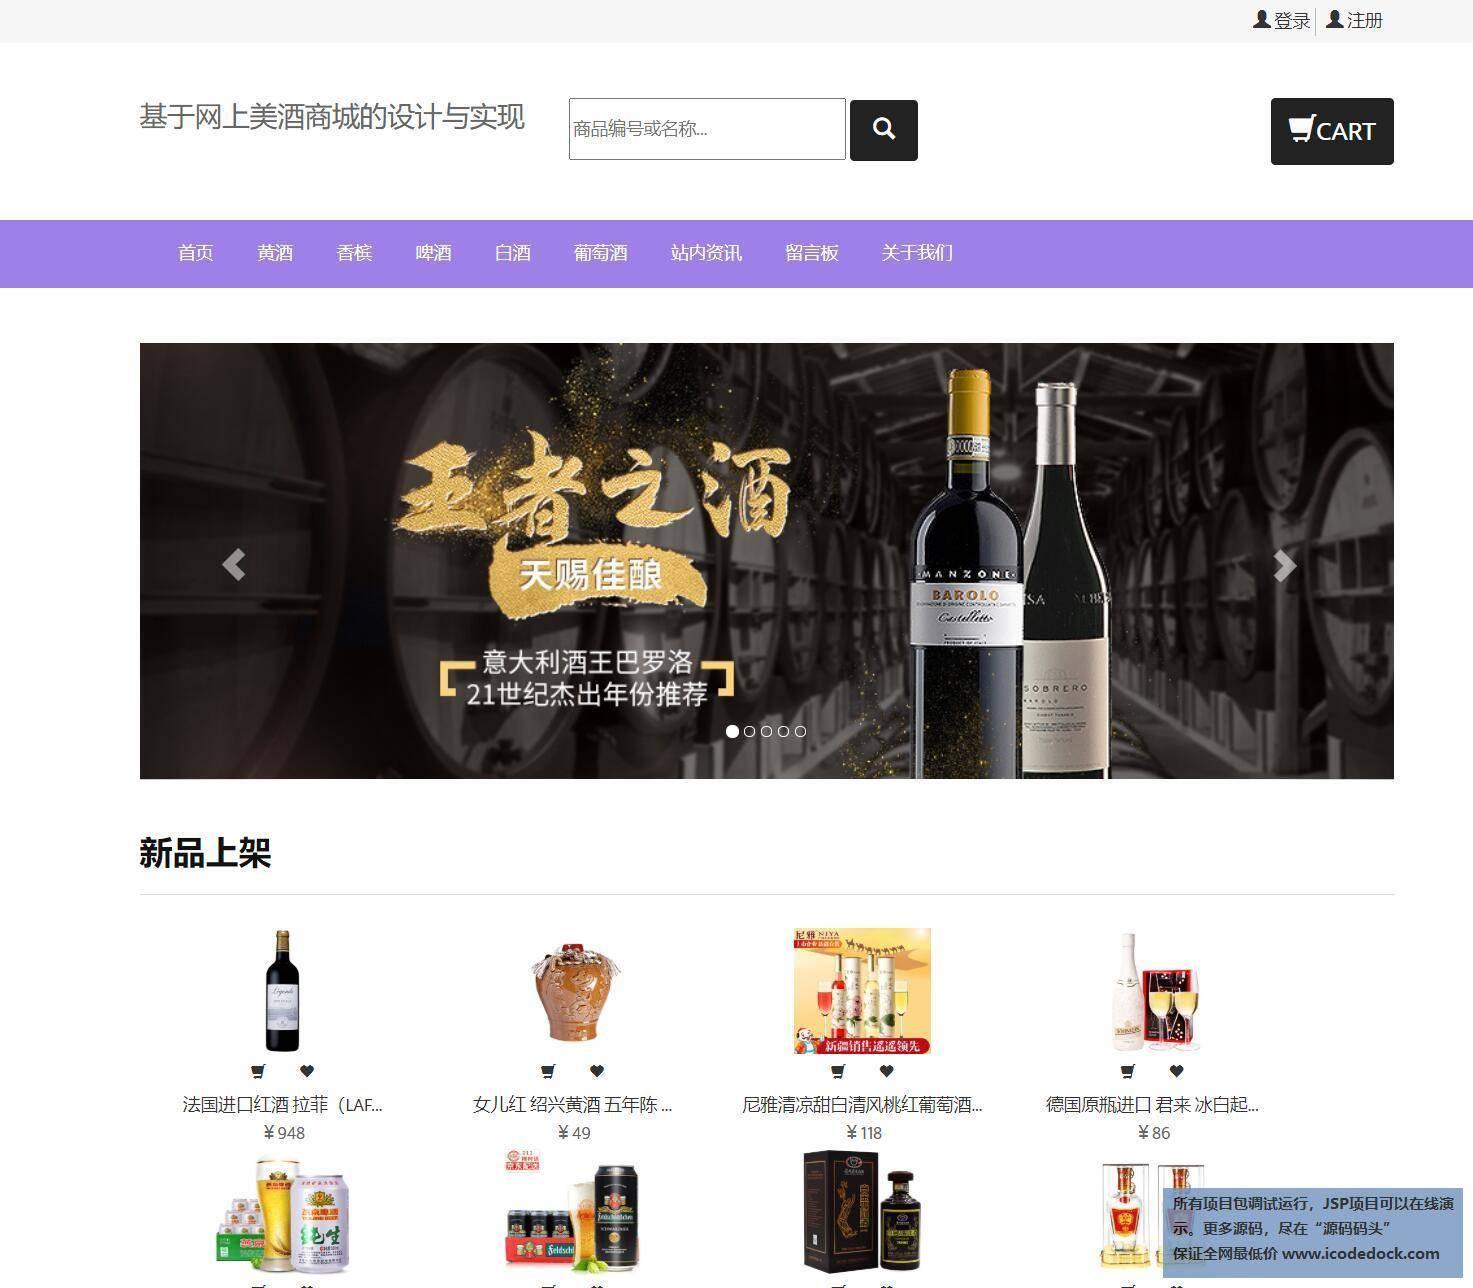 源码码头-JSP网上在线酒类商城系统网站-用户角色-用户首页